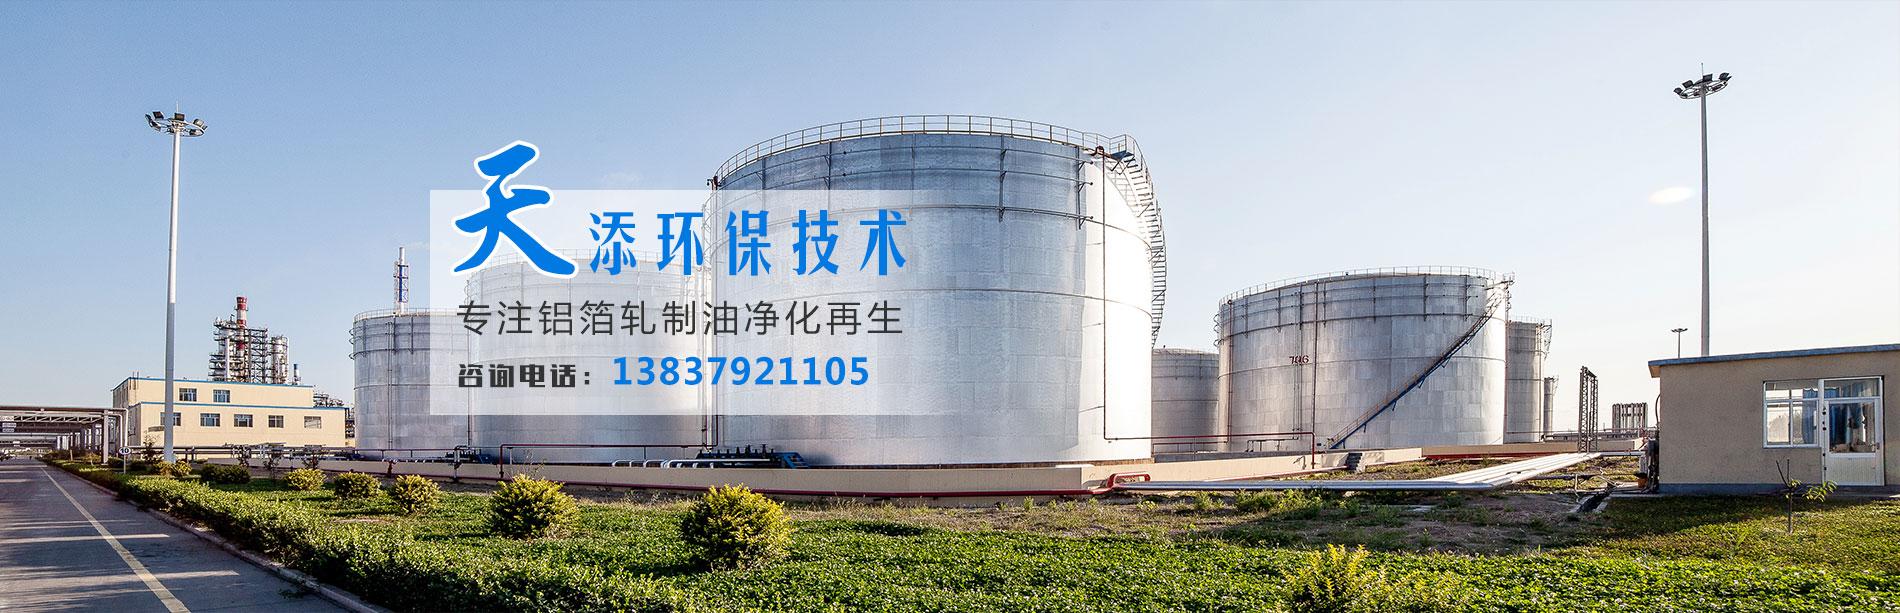 洛阳天添环保技术有限公司